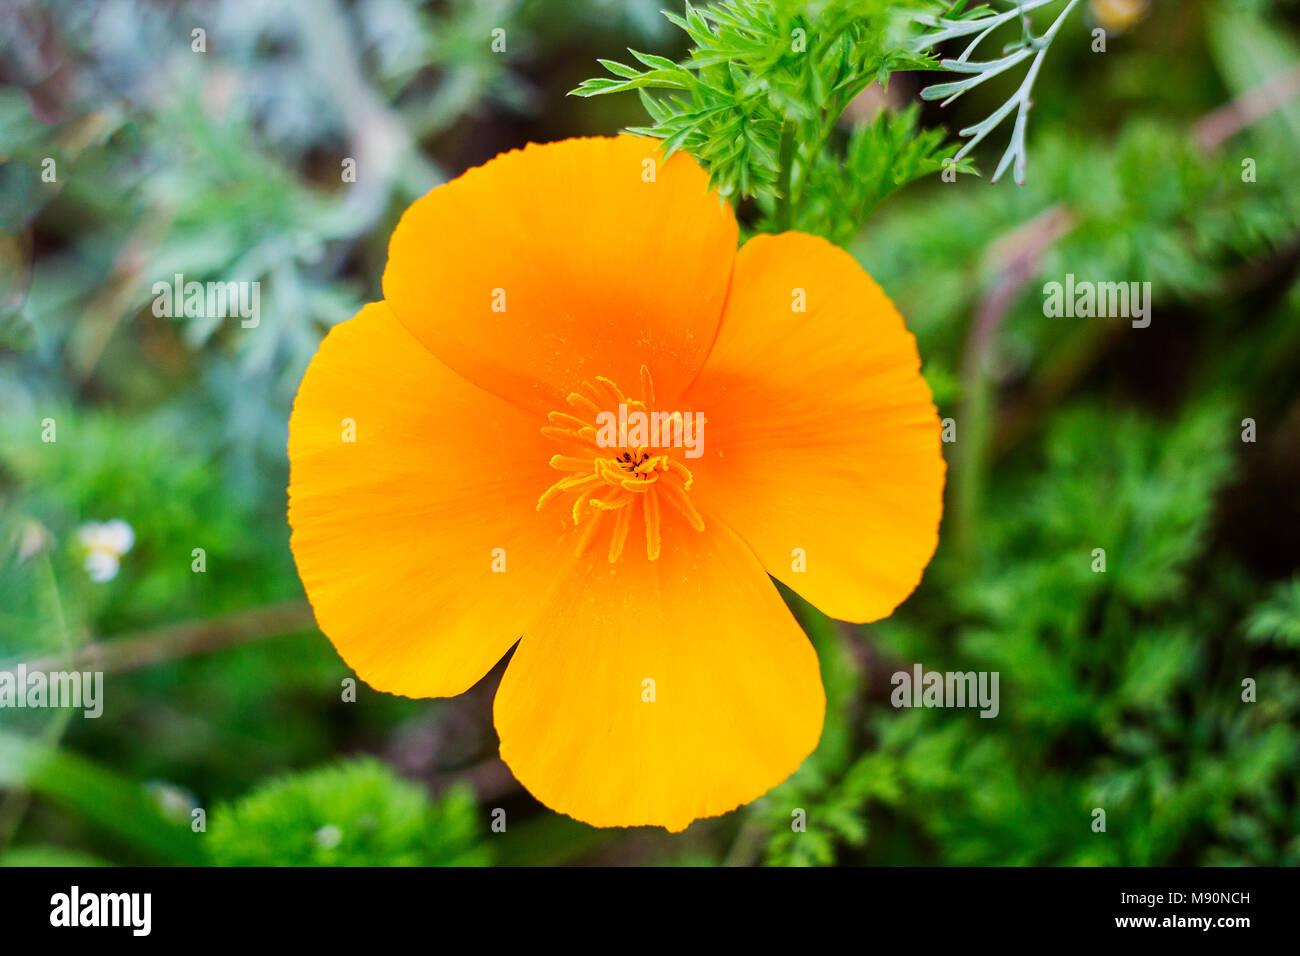 Orange flower eschscholzia californica california poppy orange flower eschscholzia californica california poppy californian poppy golden poppy california sunlight cup of gold in garden top view mightylinksfo